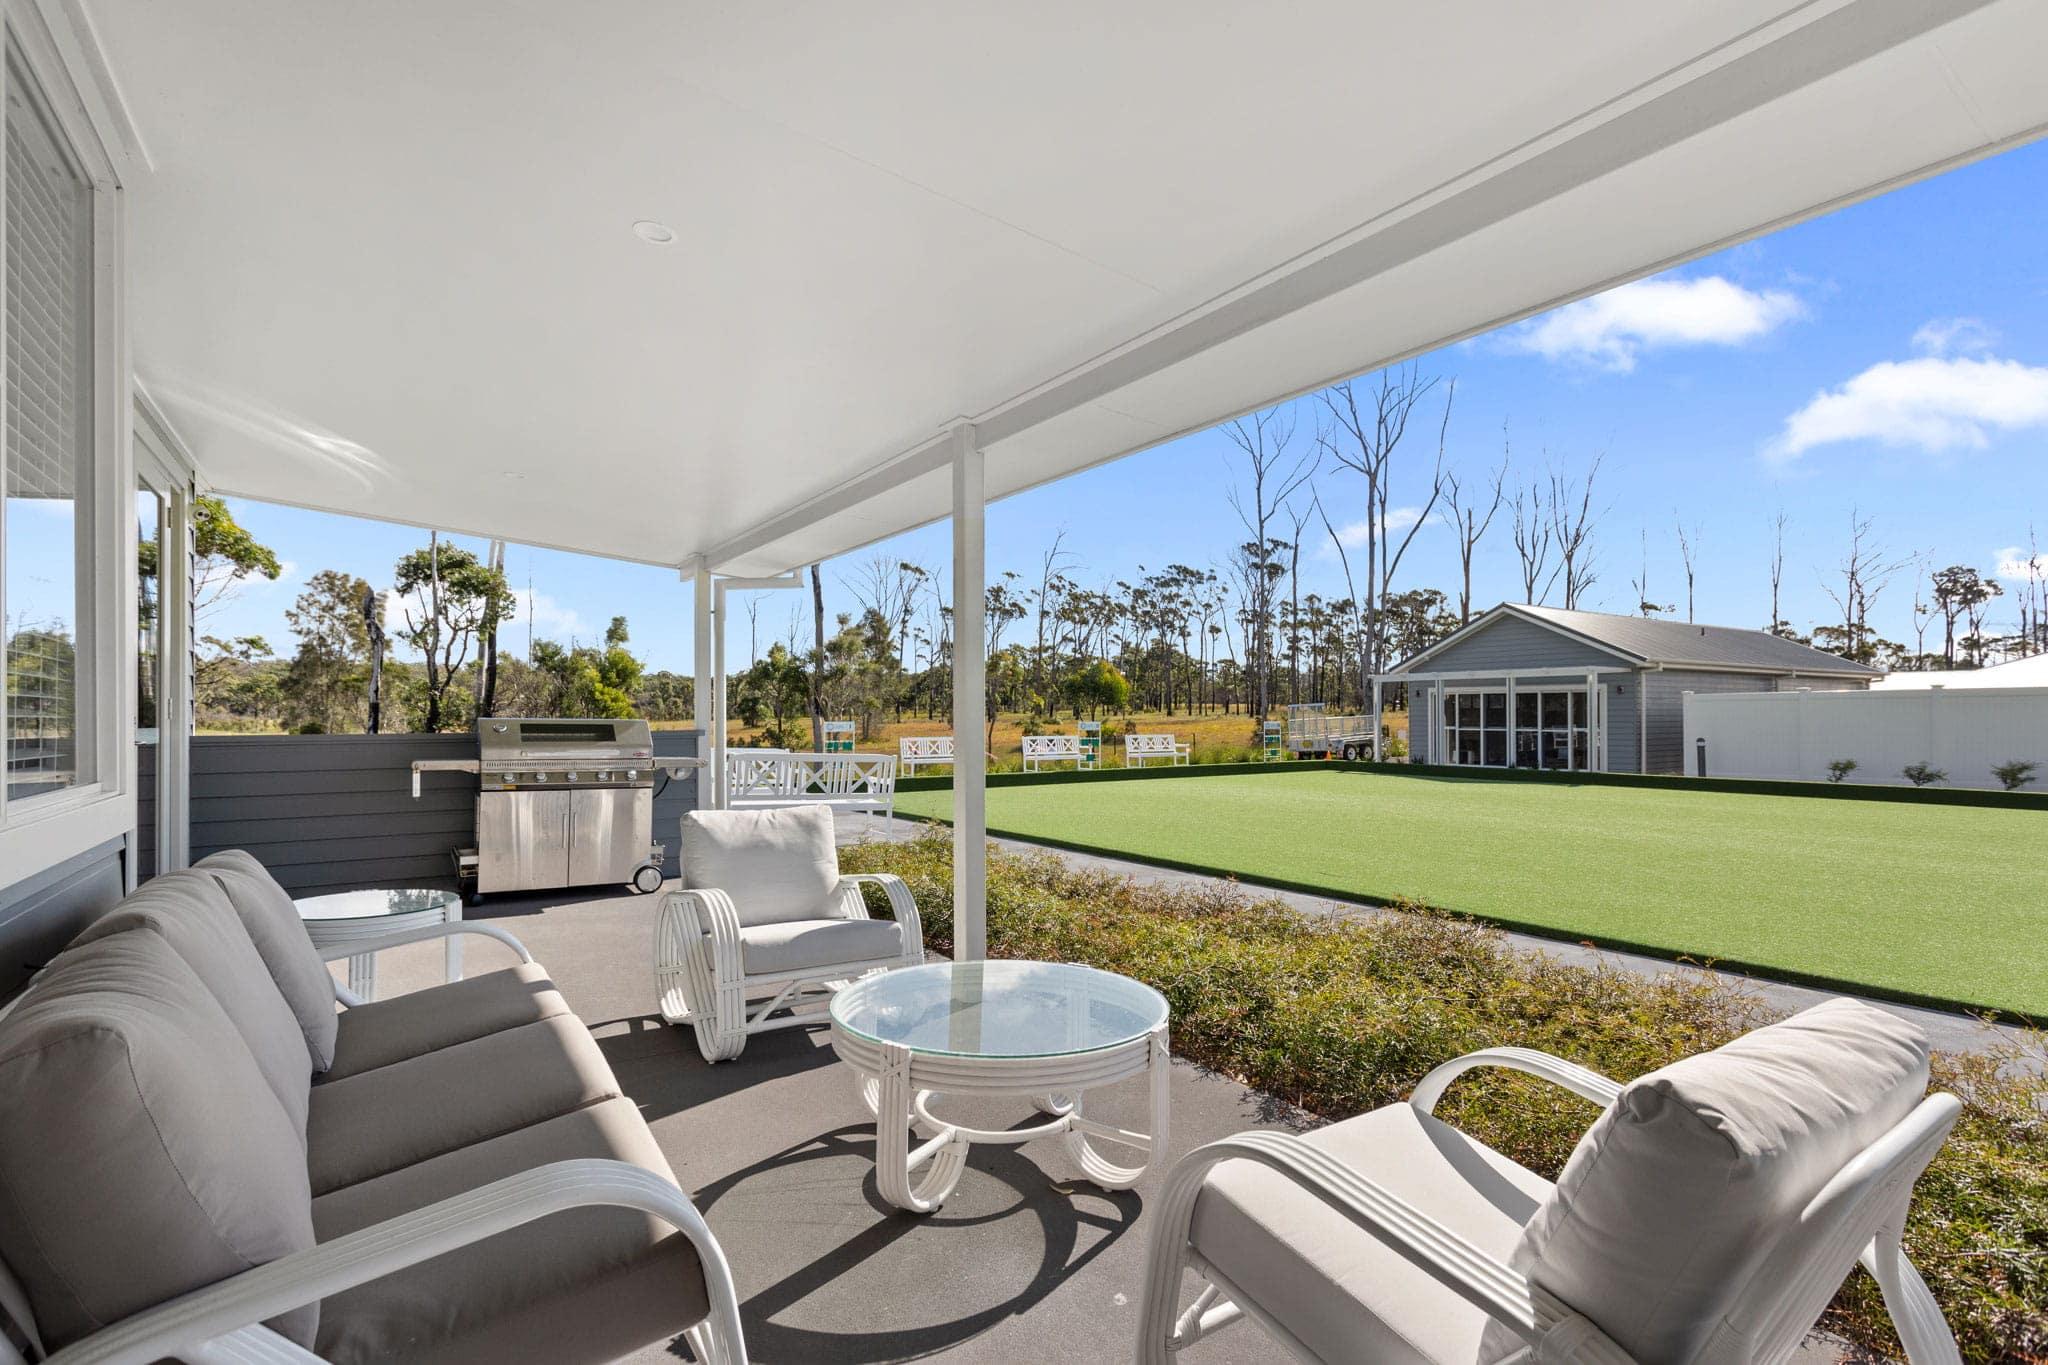 over-50s-resort-style-living-clifton-4.jpg